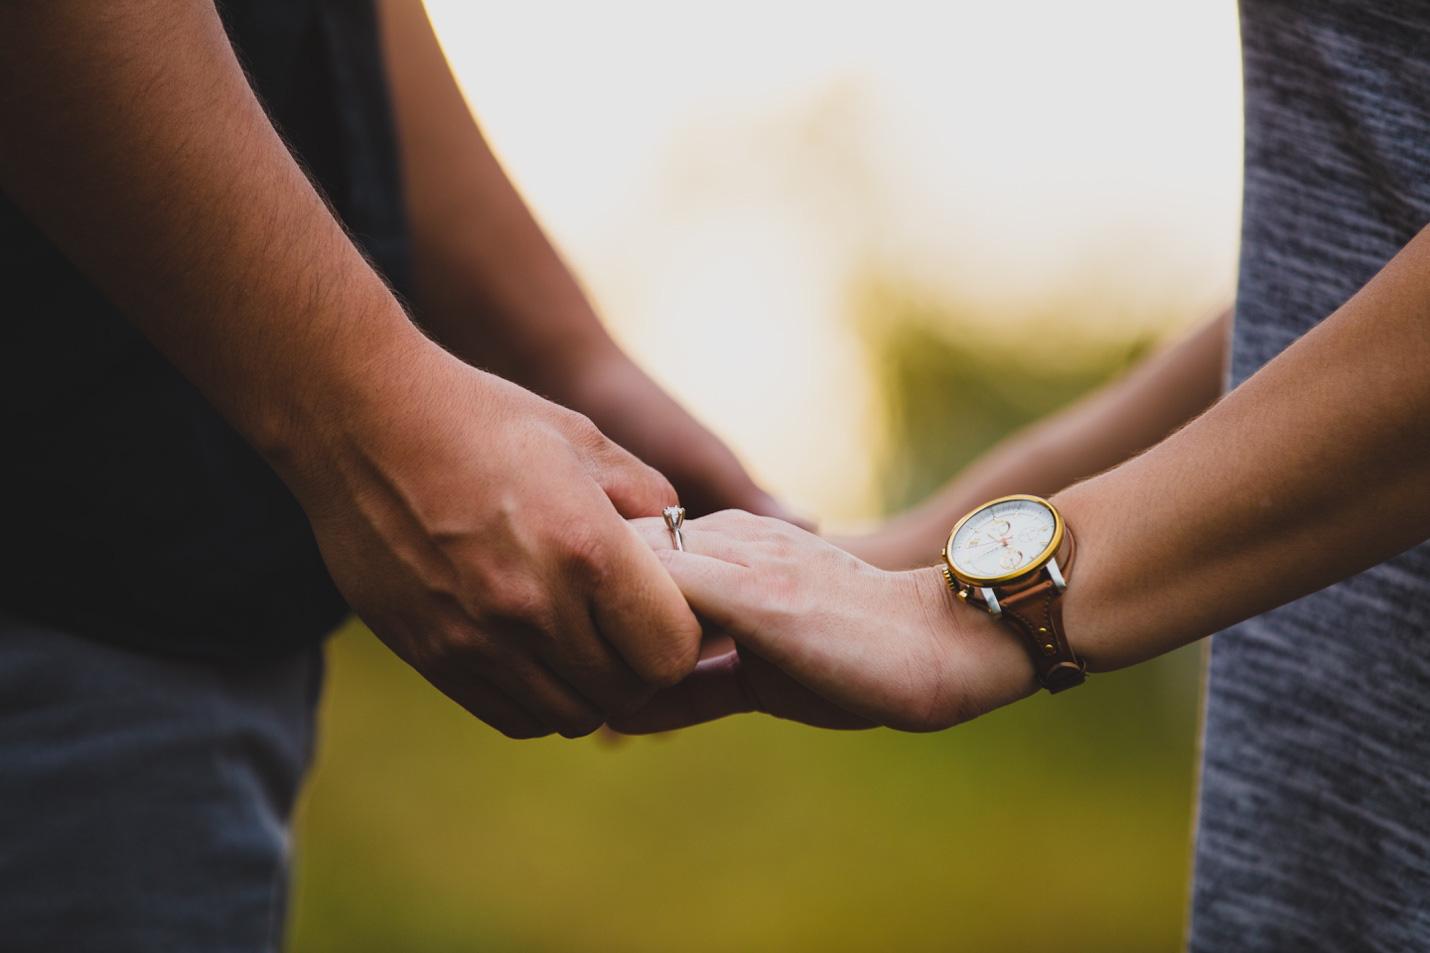 Chỉ 56% giới trẻ cảm thấy mình có quyền tự do yêu thương - Ảnh 3.